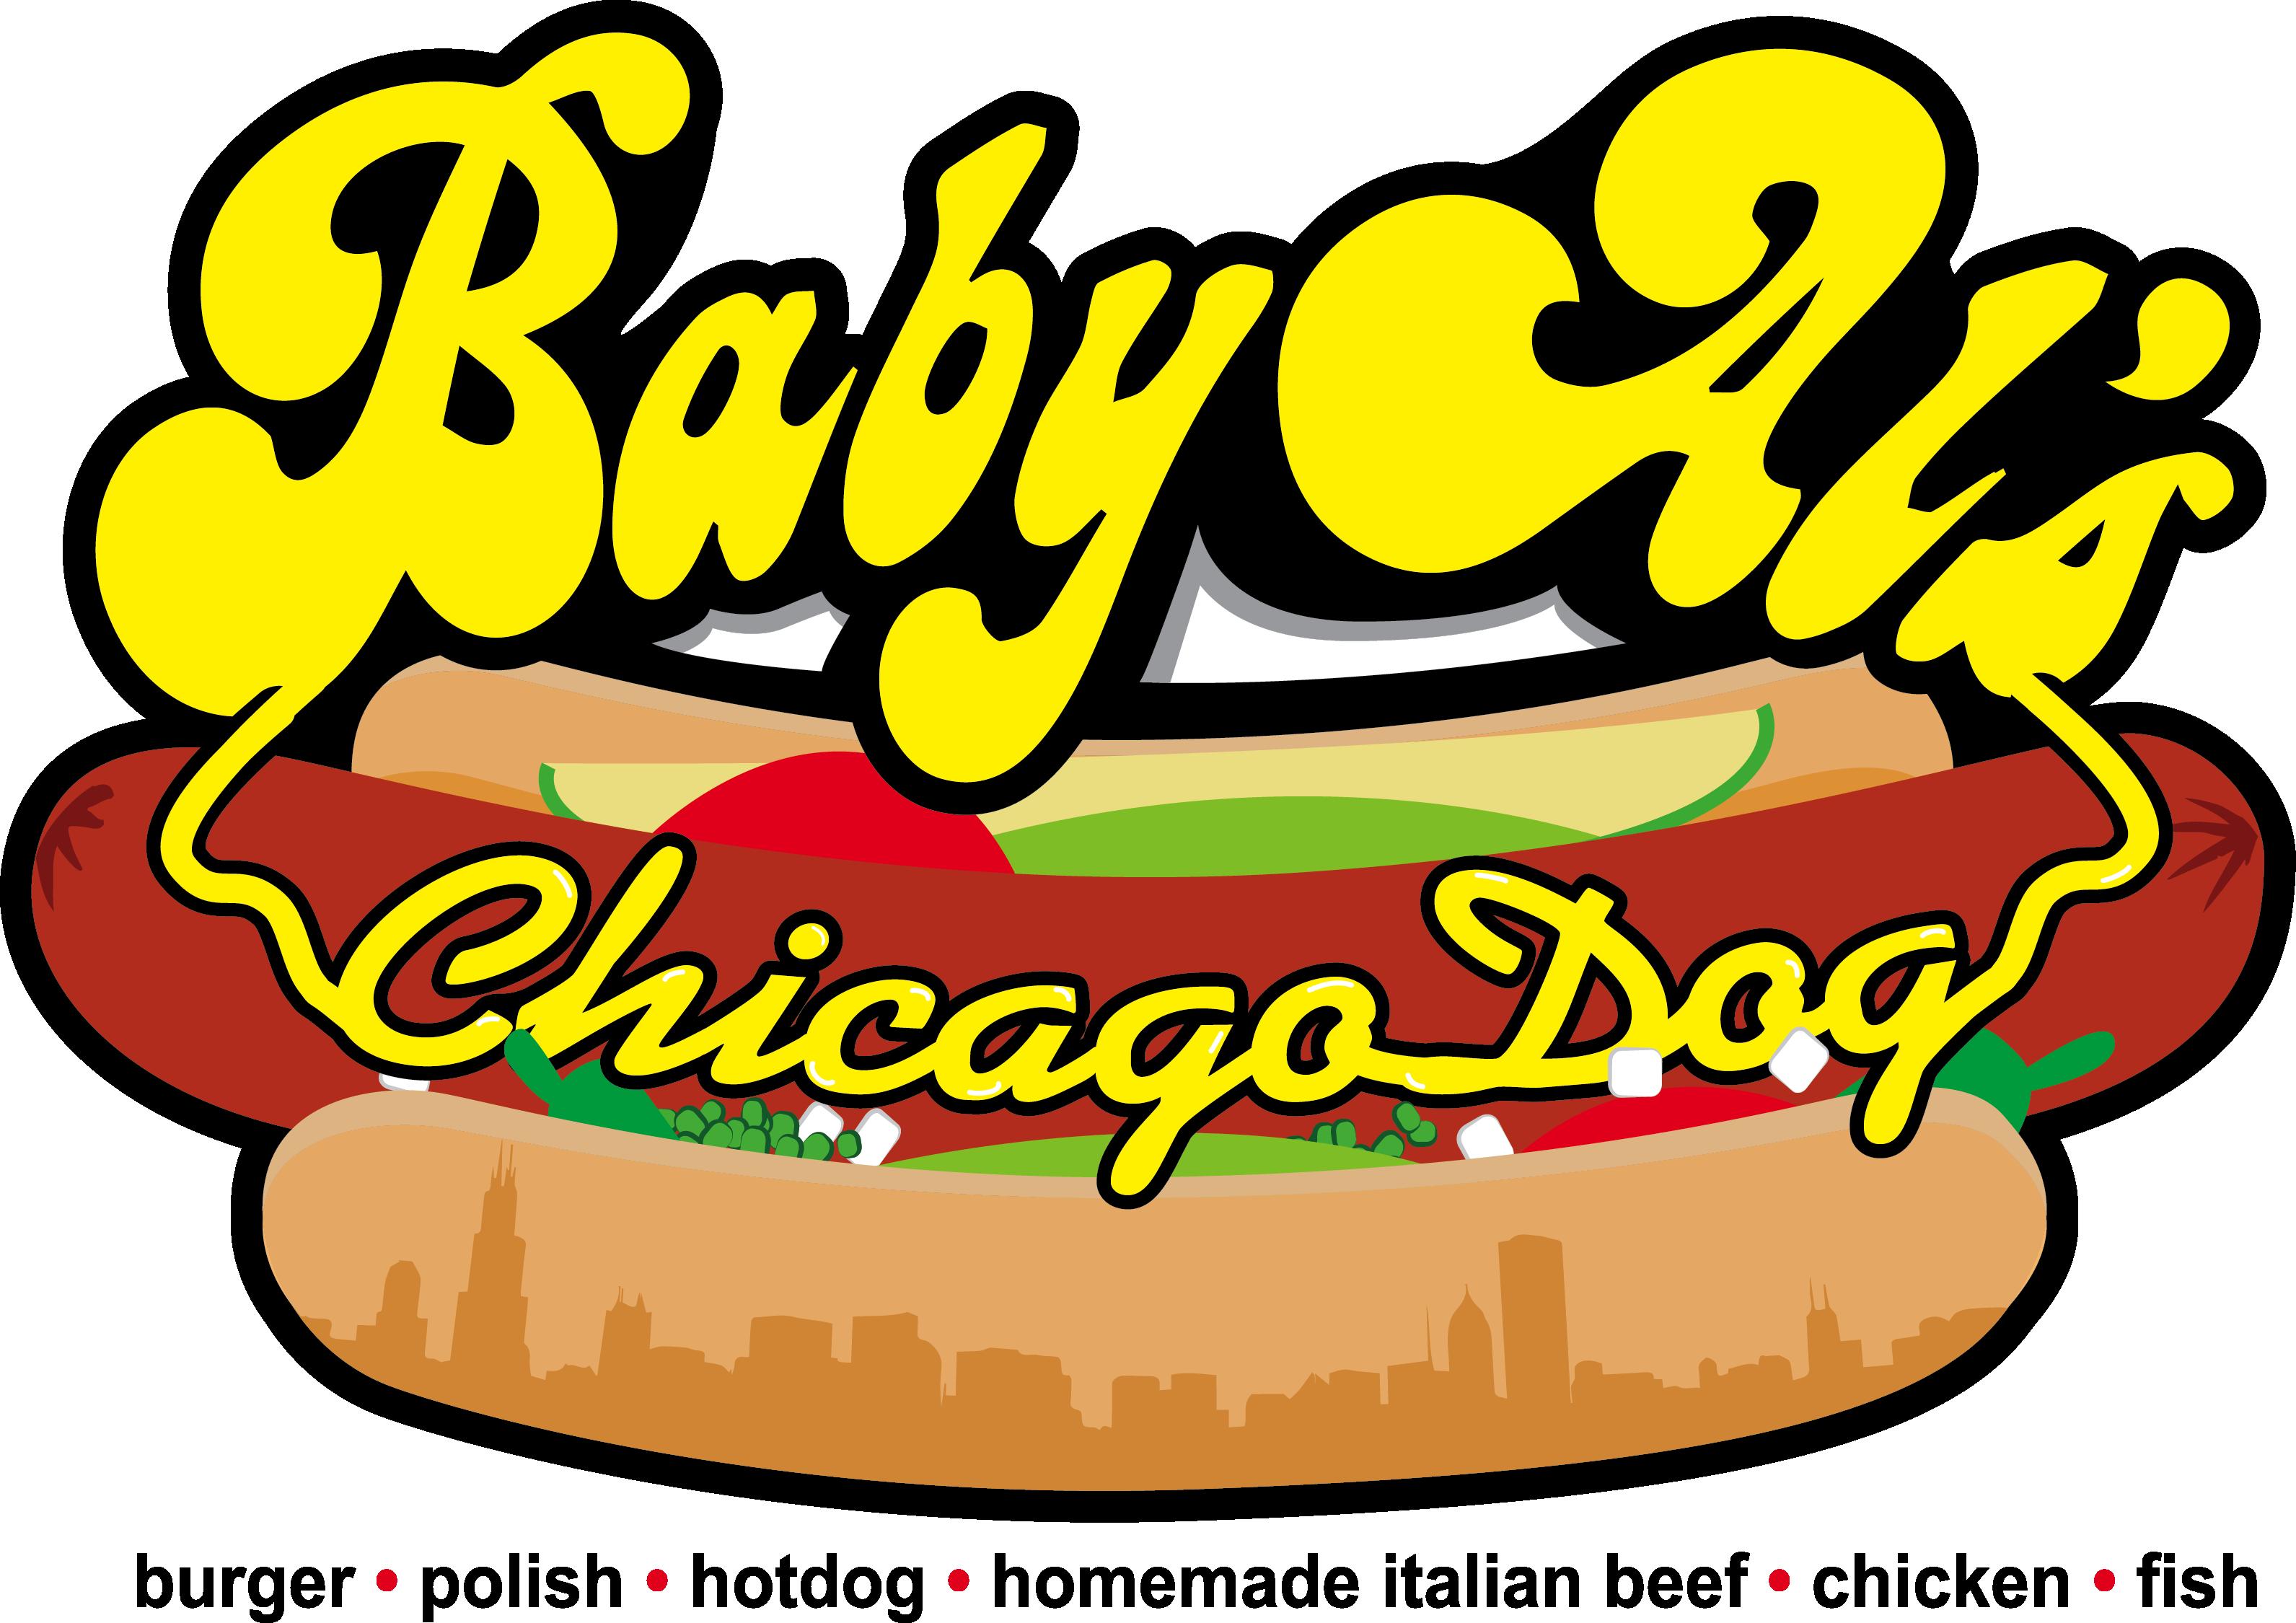 BABY-ALS-CHICAGO-DOG1